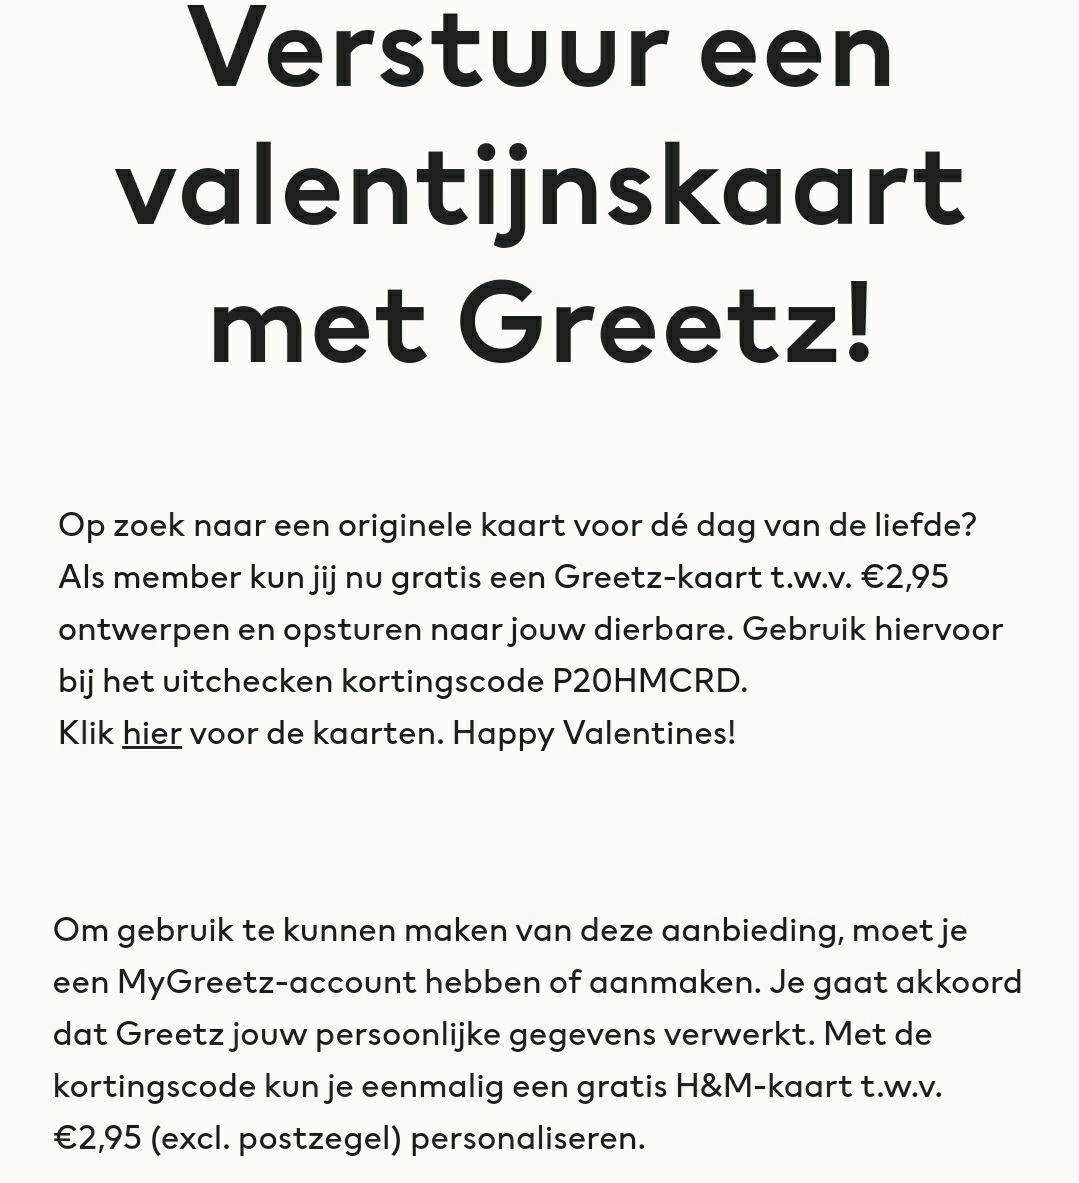 Verstuur gratis een valentijnskaart met Greetz t.w.v. €2,95 (excl. postzegel)